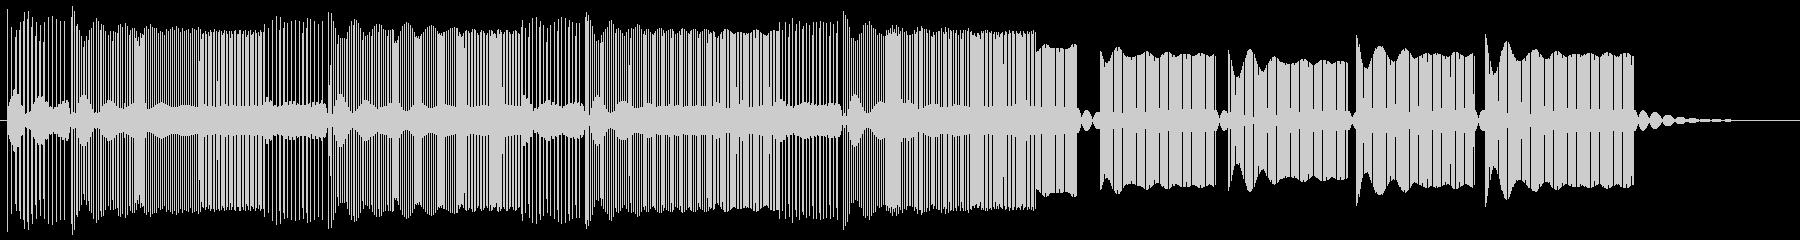 敵に遭遇した時の緊張した音 8bitの未再生の波形